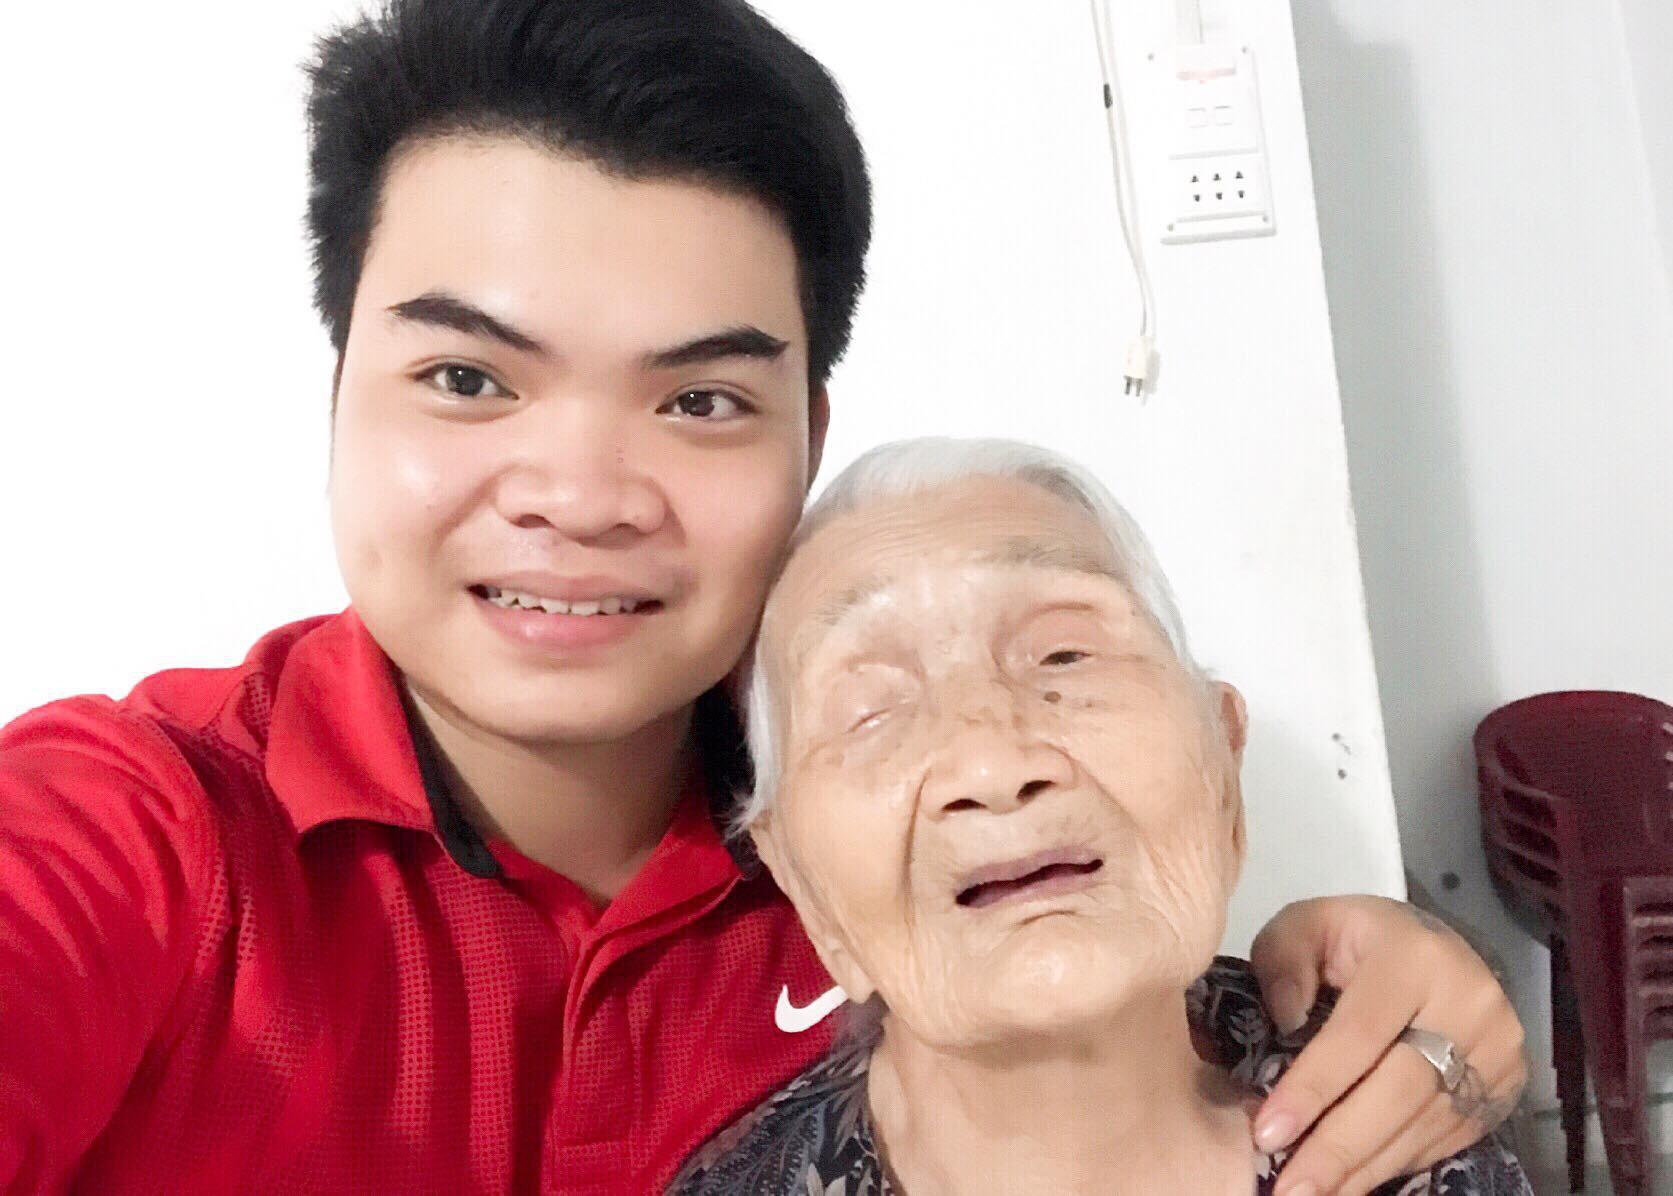 Cụ bà 98 tuổi vẫn mê xem đấu vật WWE, đặc biệt hâm mộ John Cena vì